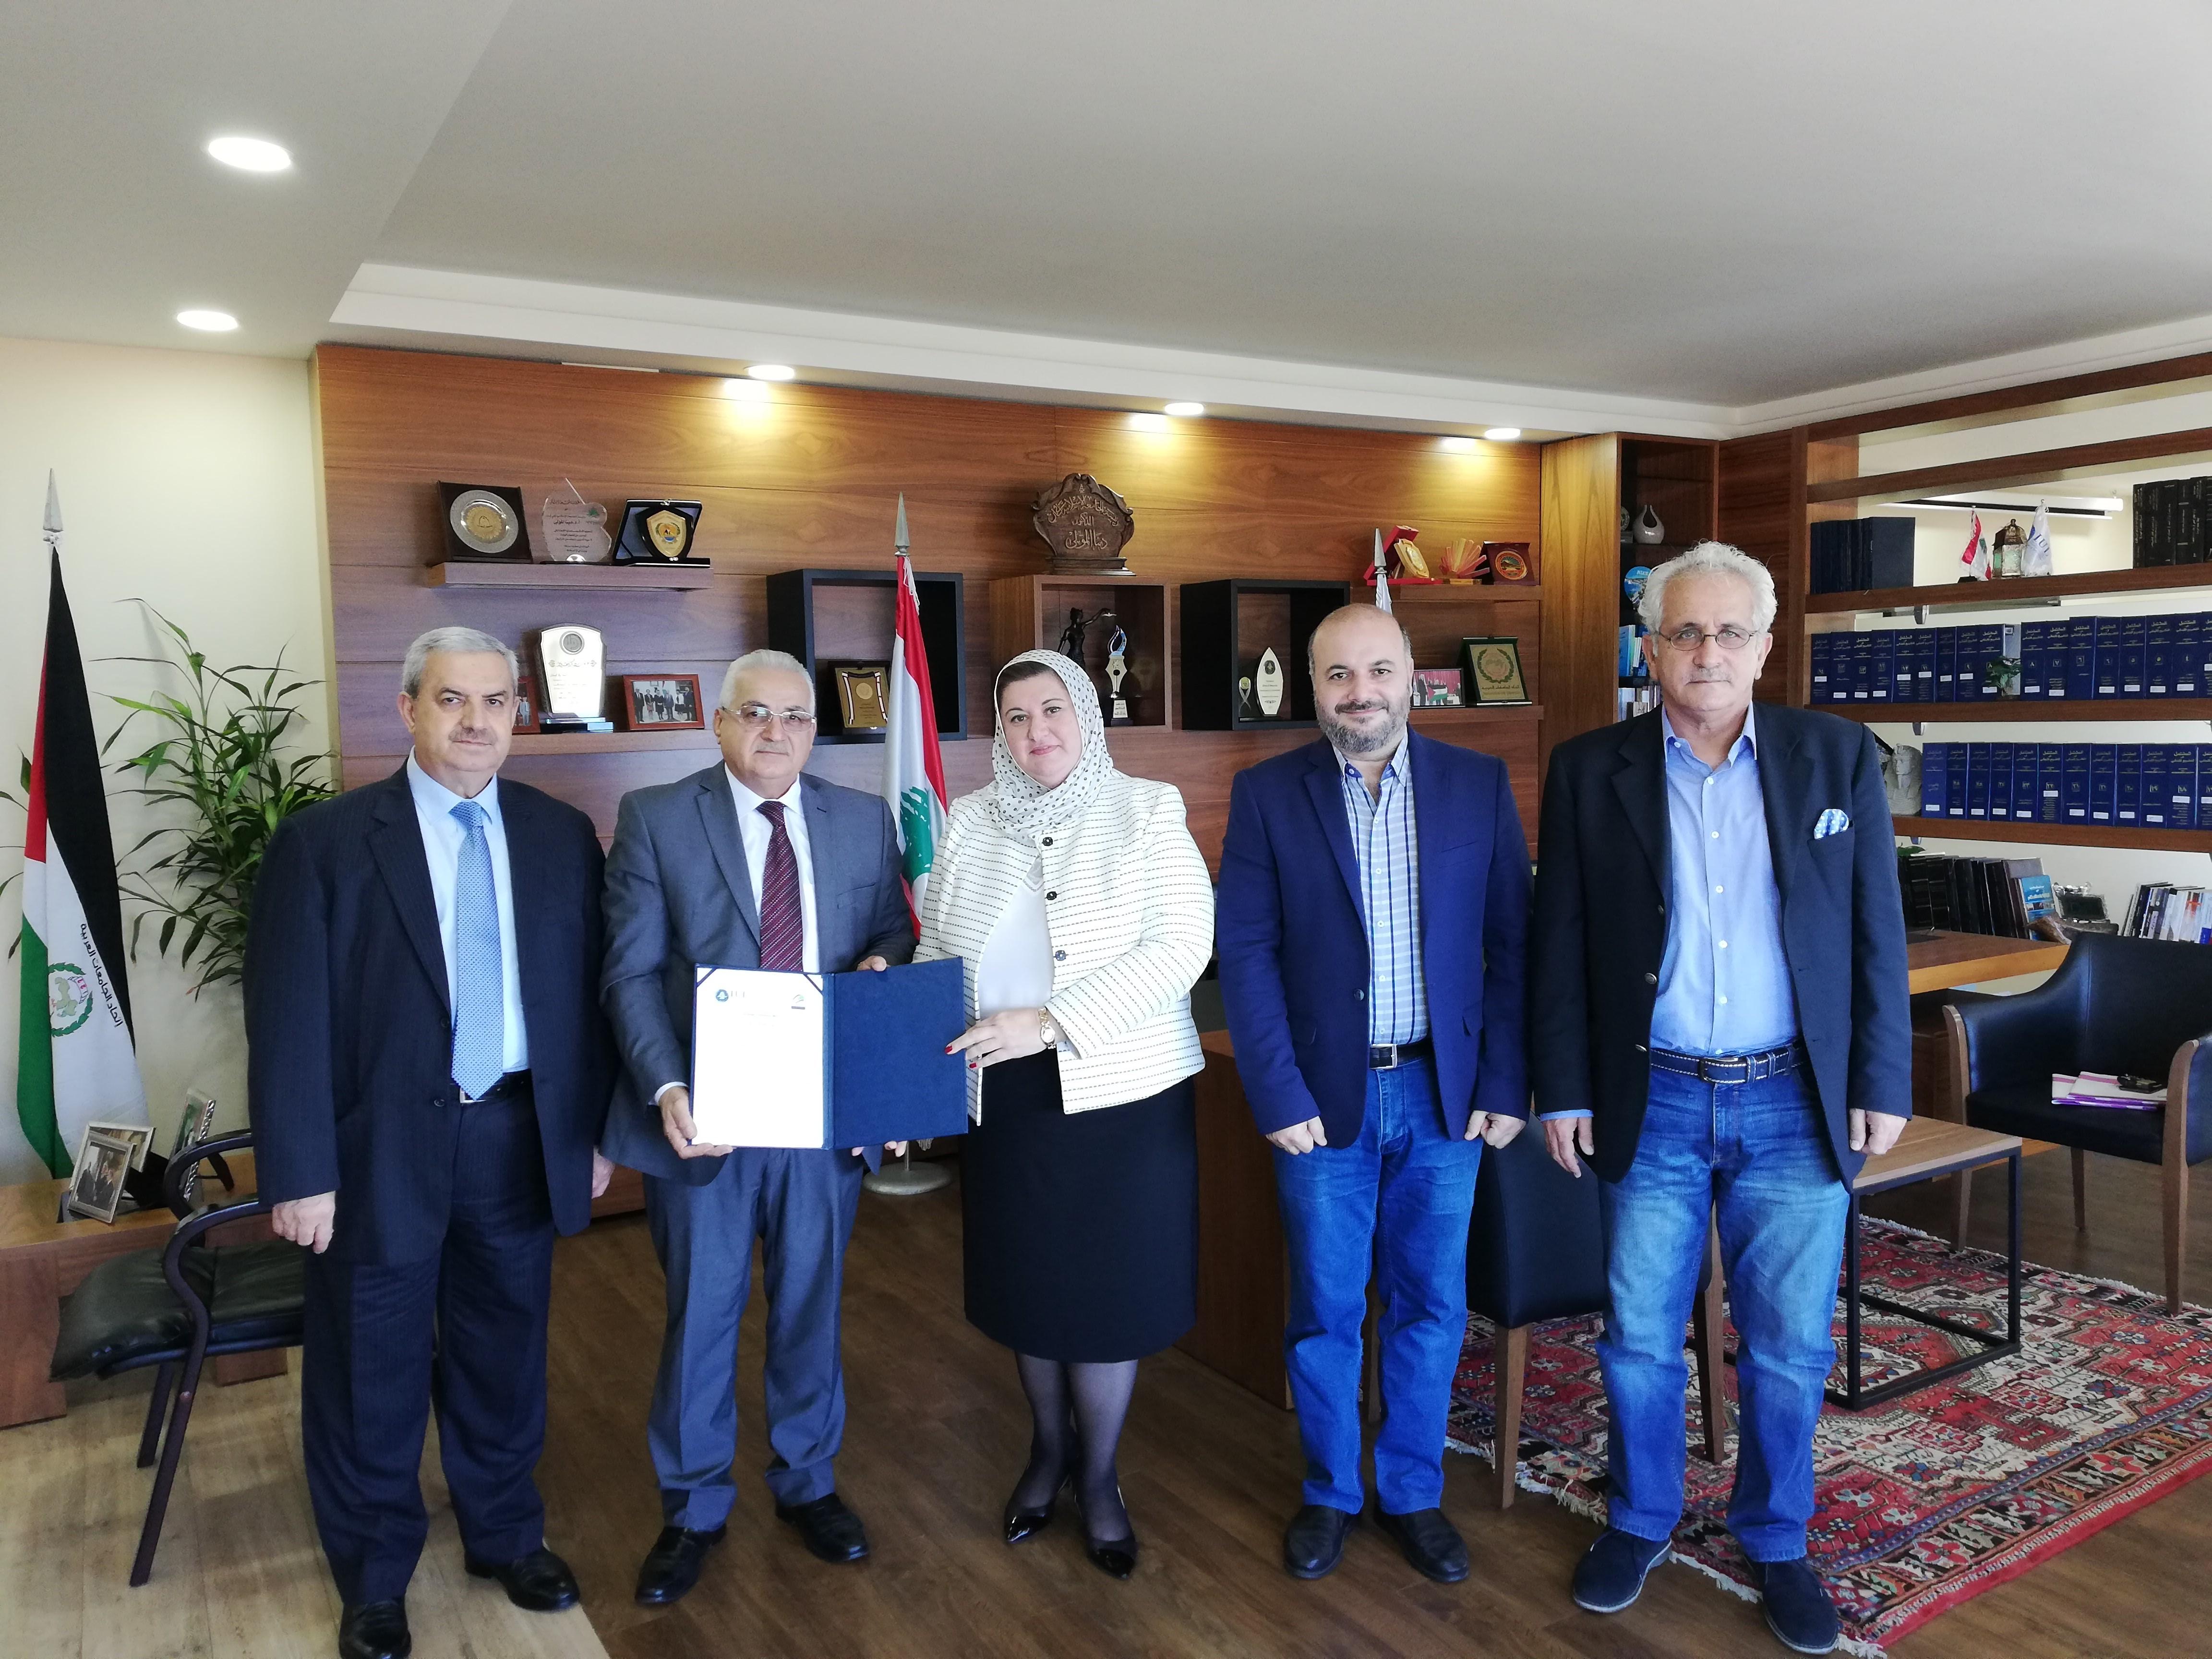 اتفاقية شراكة استراتيجية بين الجامعة الإسلامية في لبنان والهيئة الوطنية للعلوم والبحوث